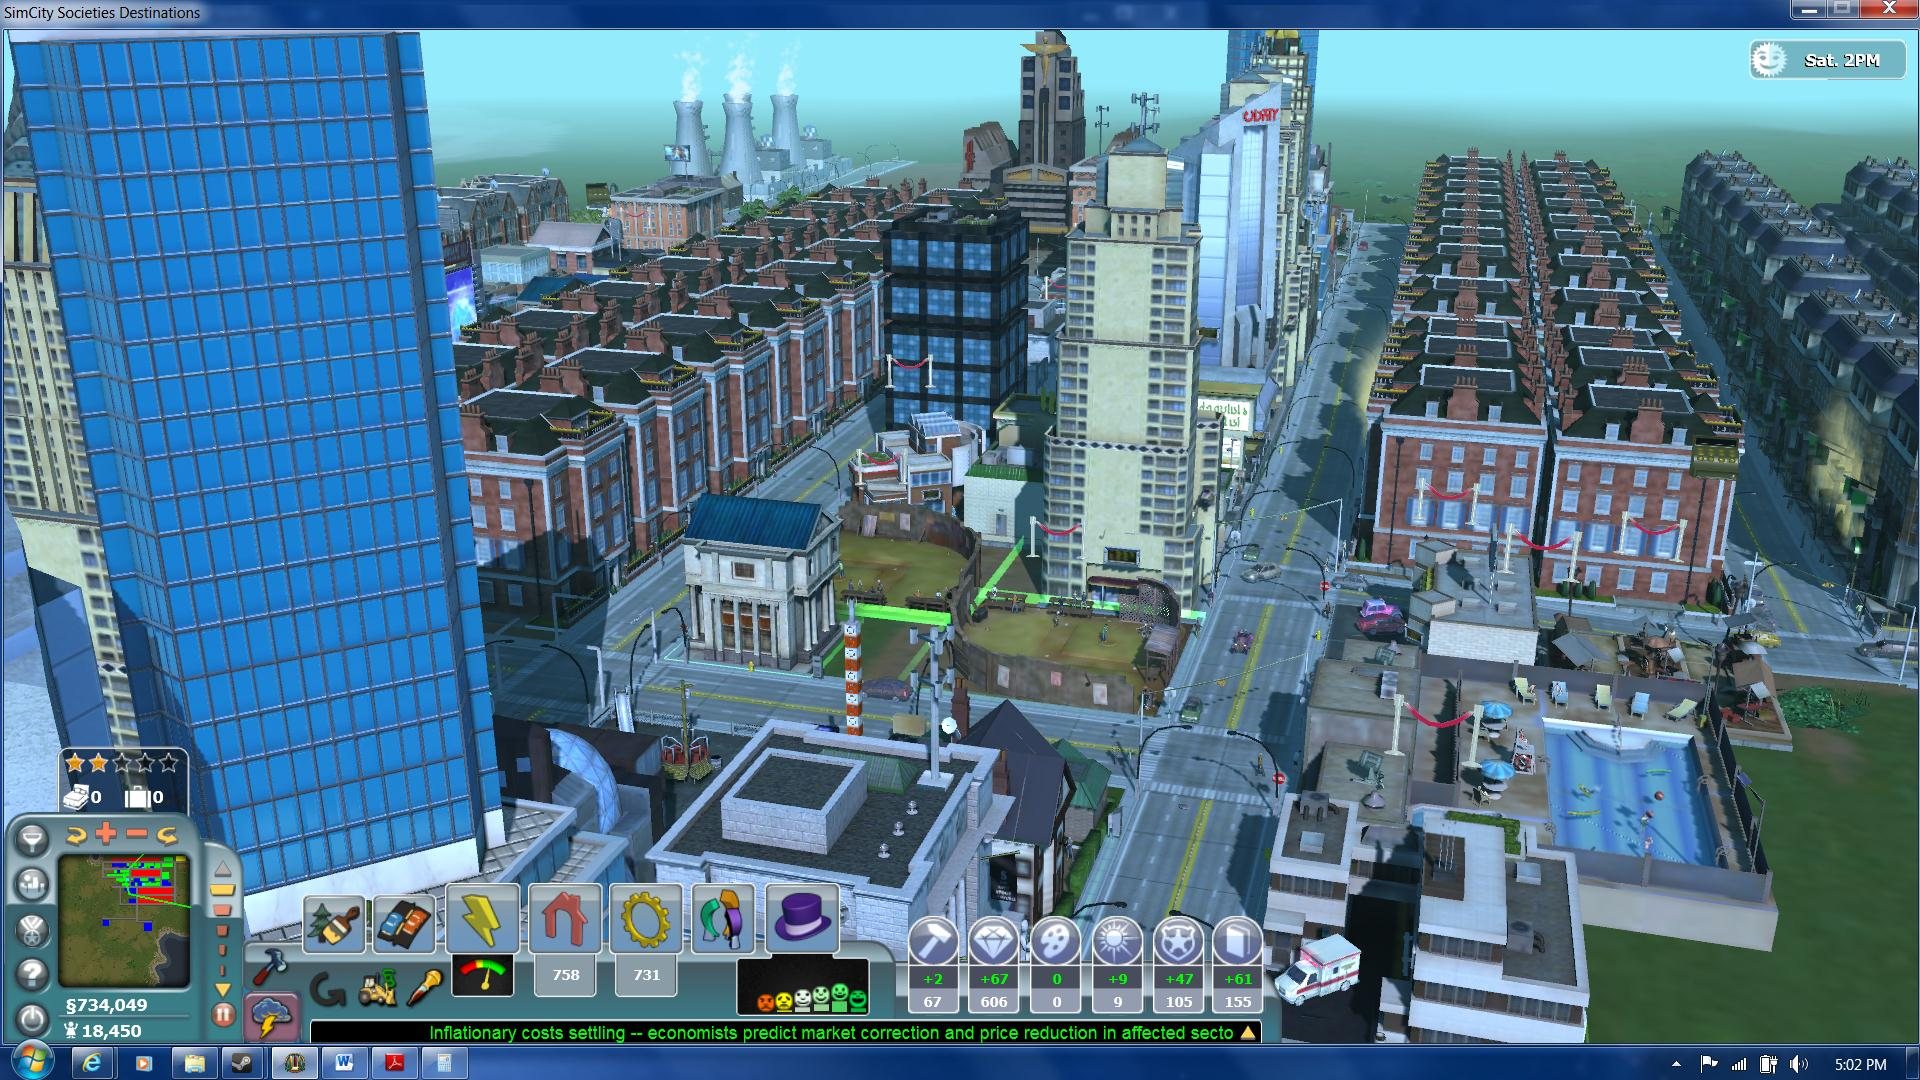 Скриншоты игры SimCity Societies.